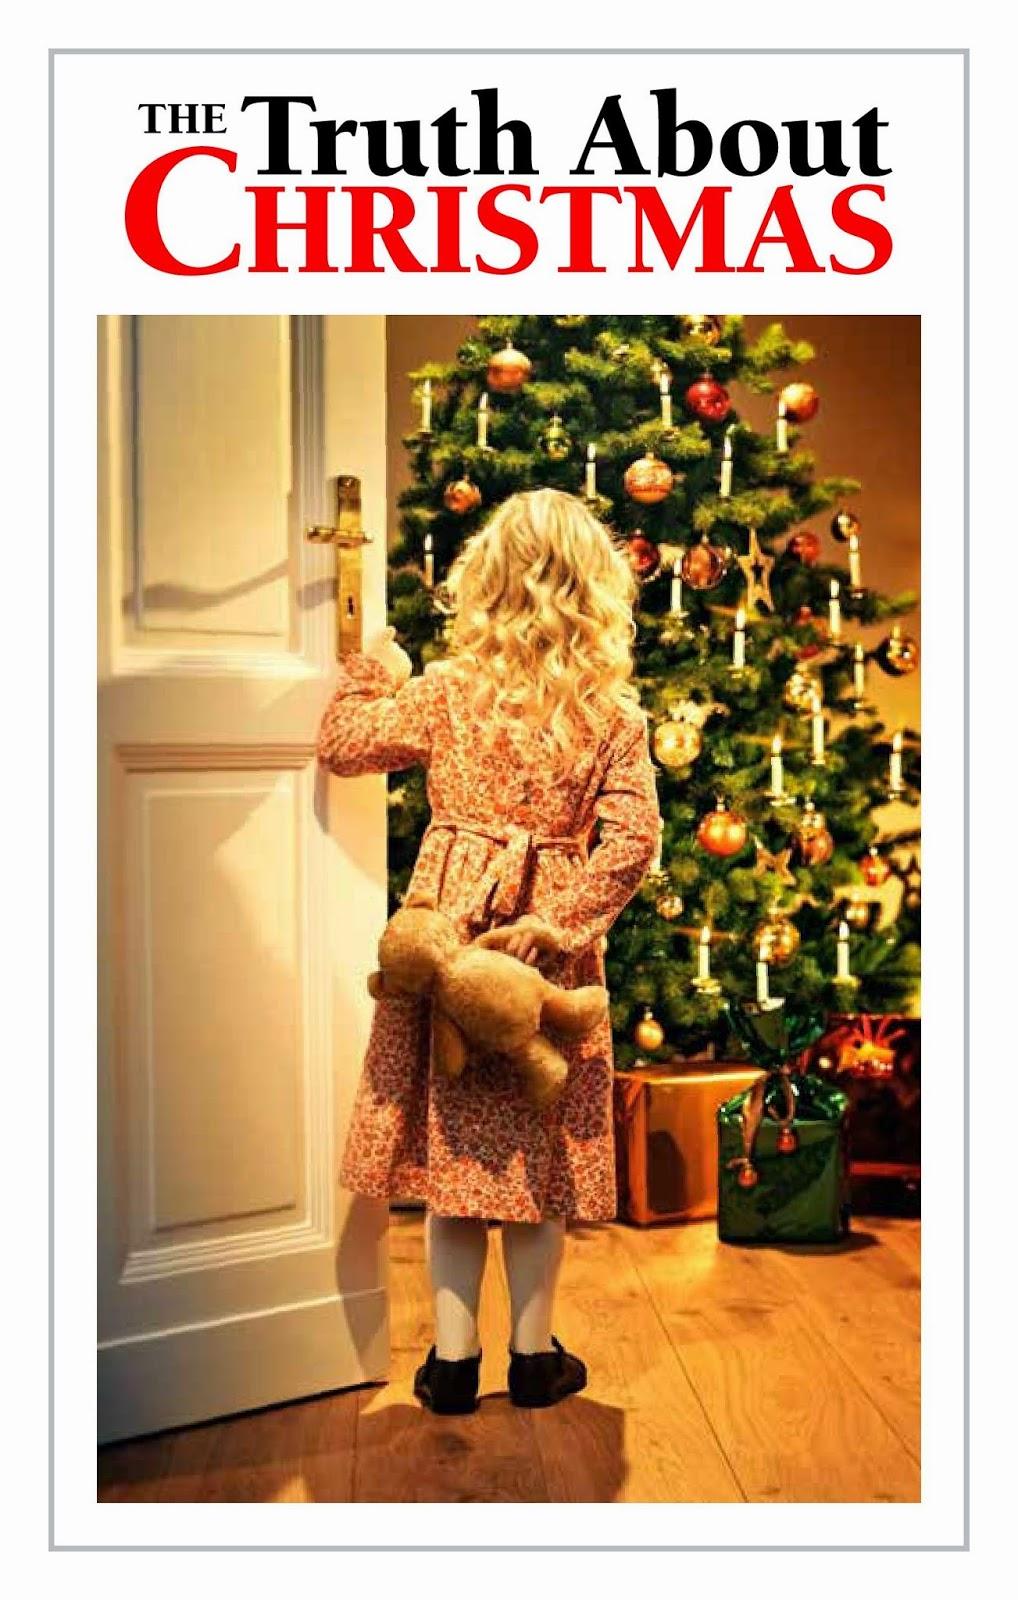 Living Armstrongism: No Good Reason to Ban Christmas for Christians ...